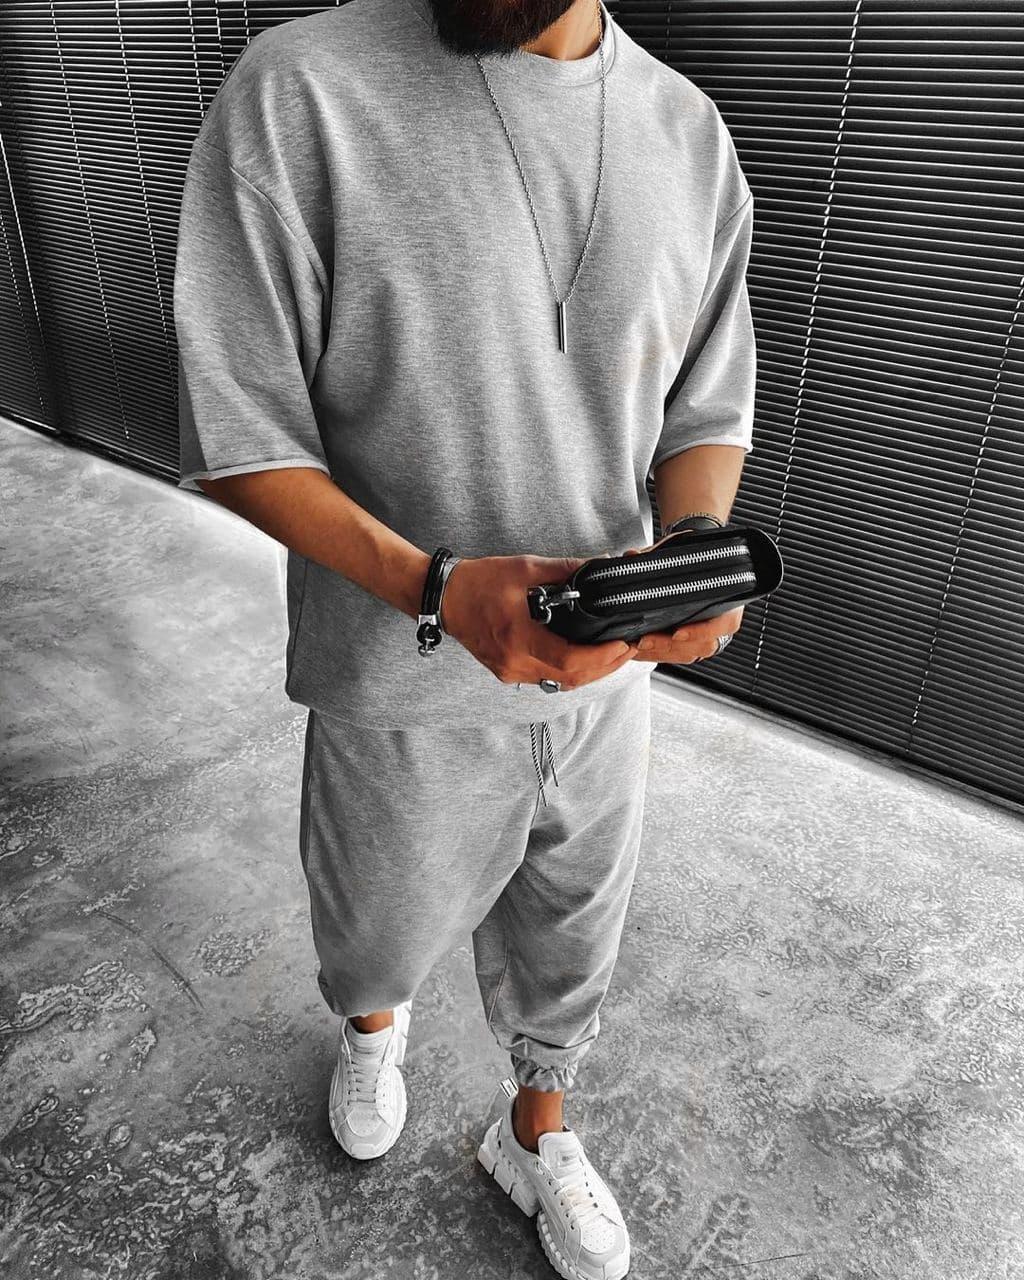 Комплект чоловічий штани+футболка оверсайз сірий Туреччина